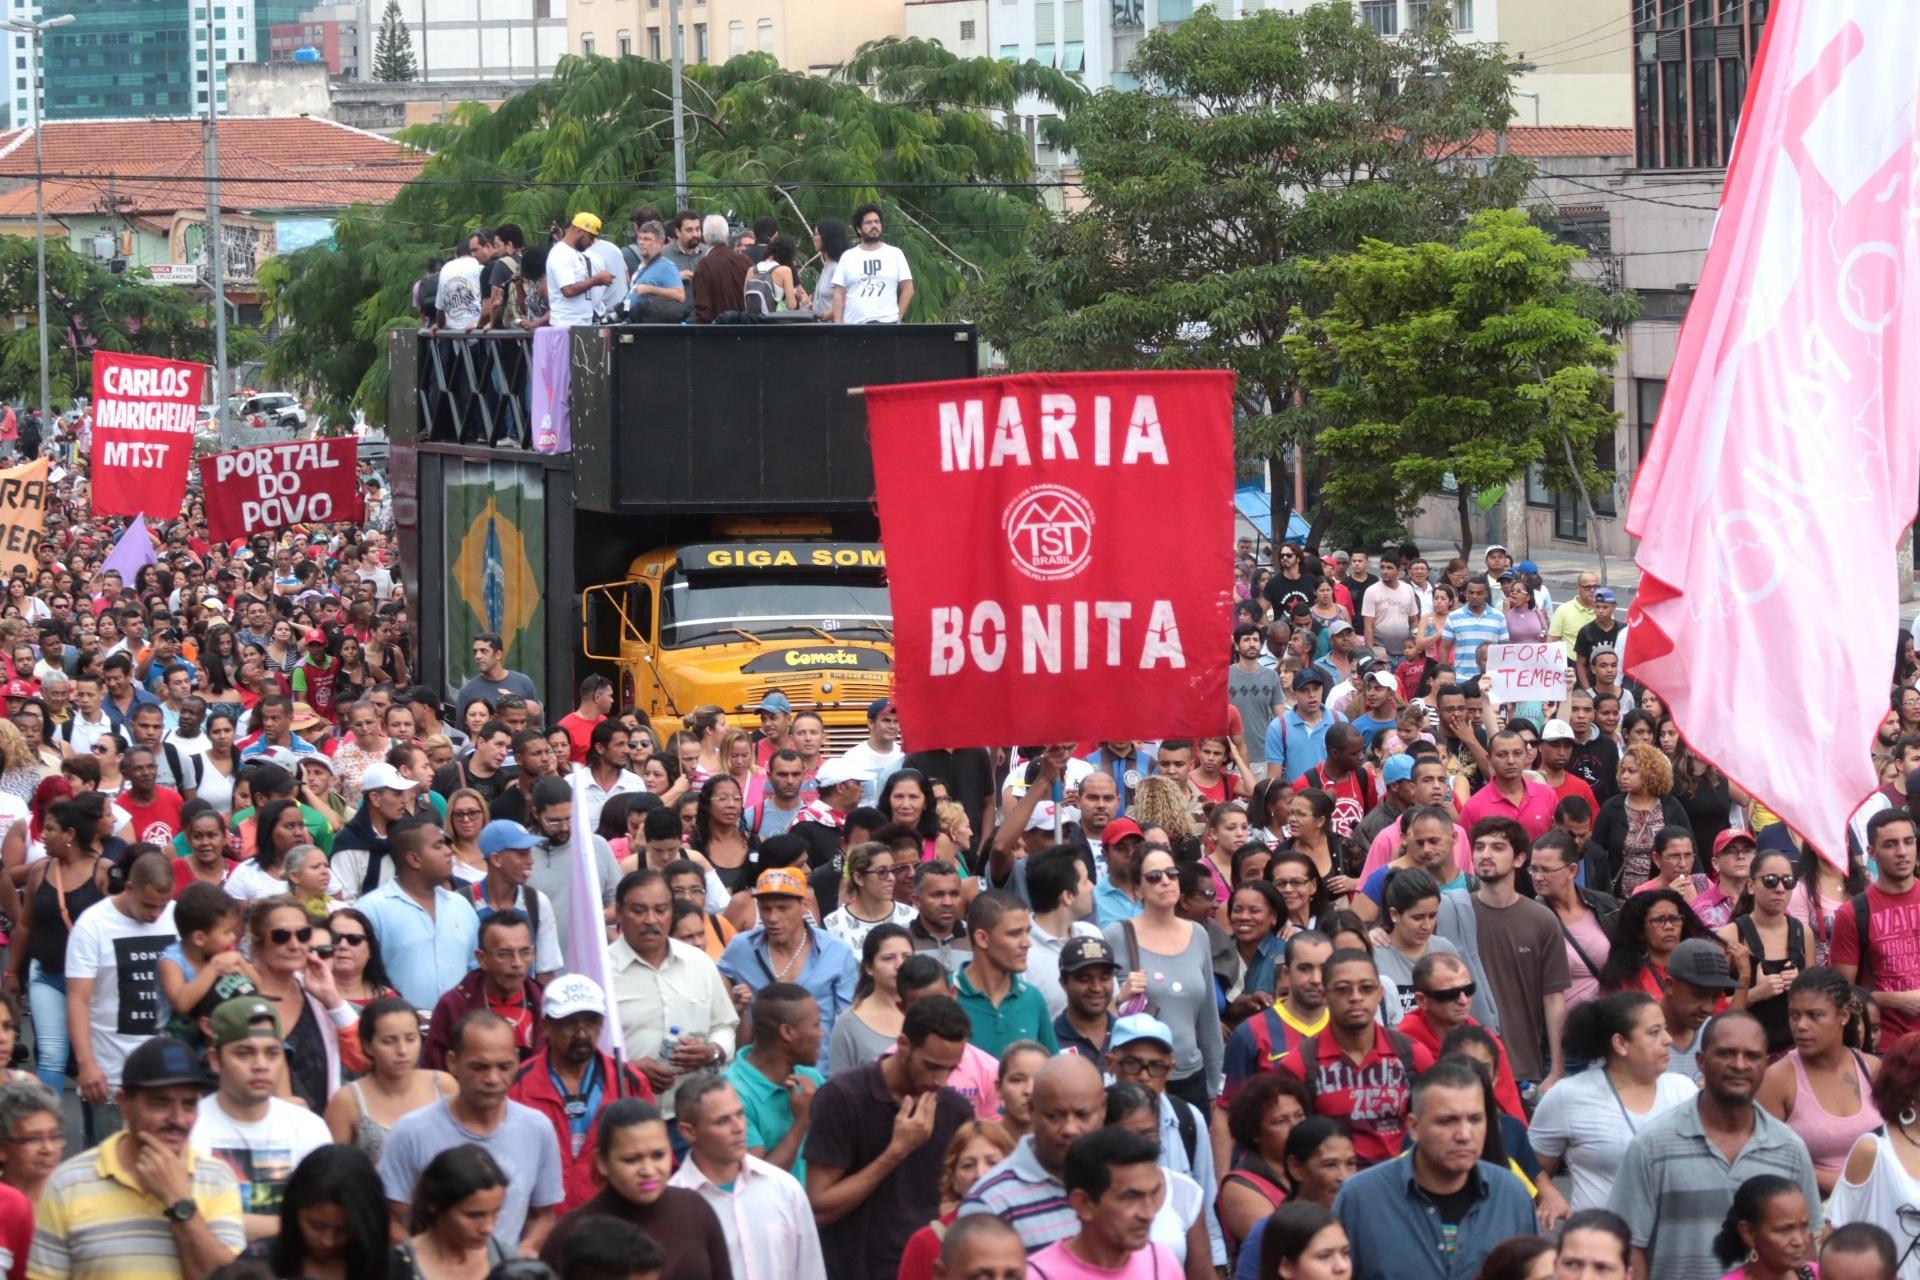 22.mai.2016 - Manifestantes se reúnem no Largo da Batata, em São Paulo, para ato contra o governo do presidente interino Michel Temer. O protesto tem apoio da Frente Povo Sem Medo, da CUT (Central Única dos Trabalhadores) e do MTST (Movimento dos Trabalhadores Sem Teto